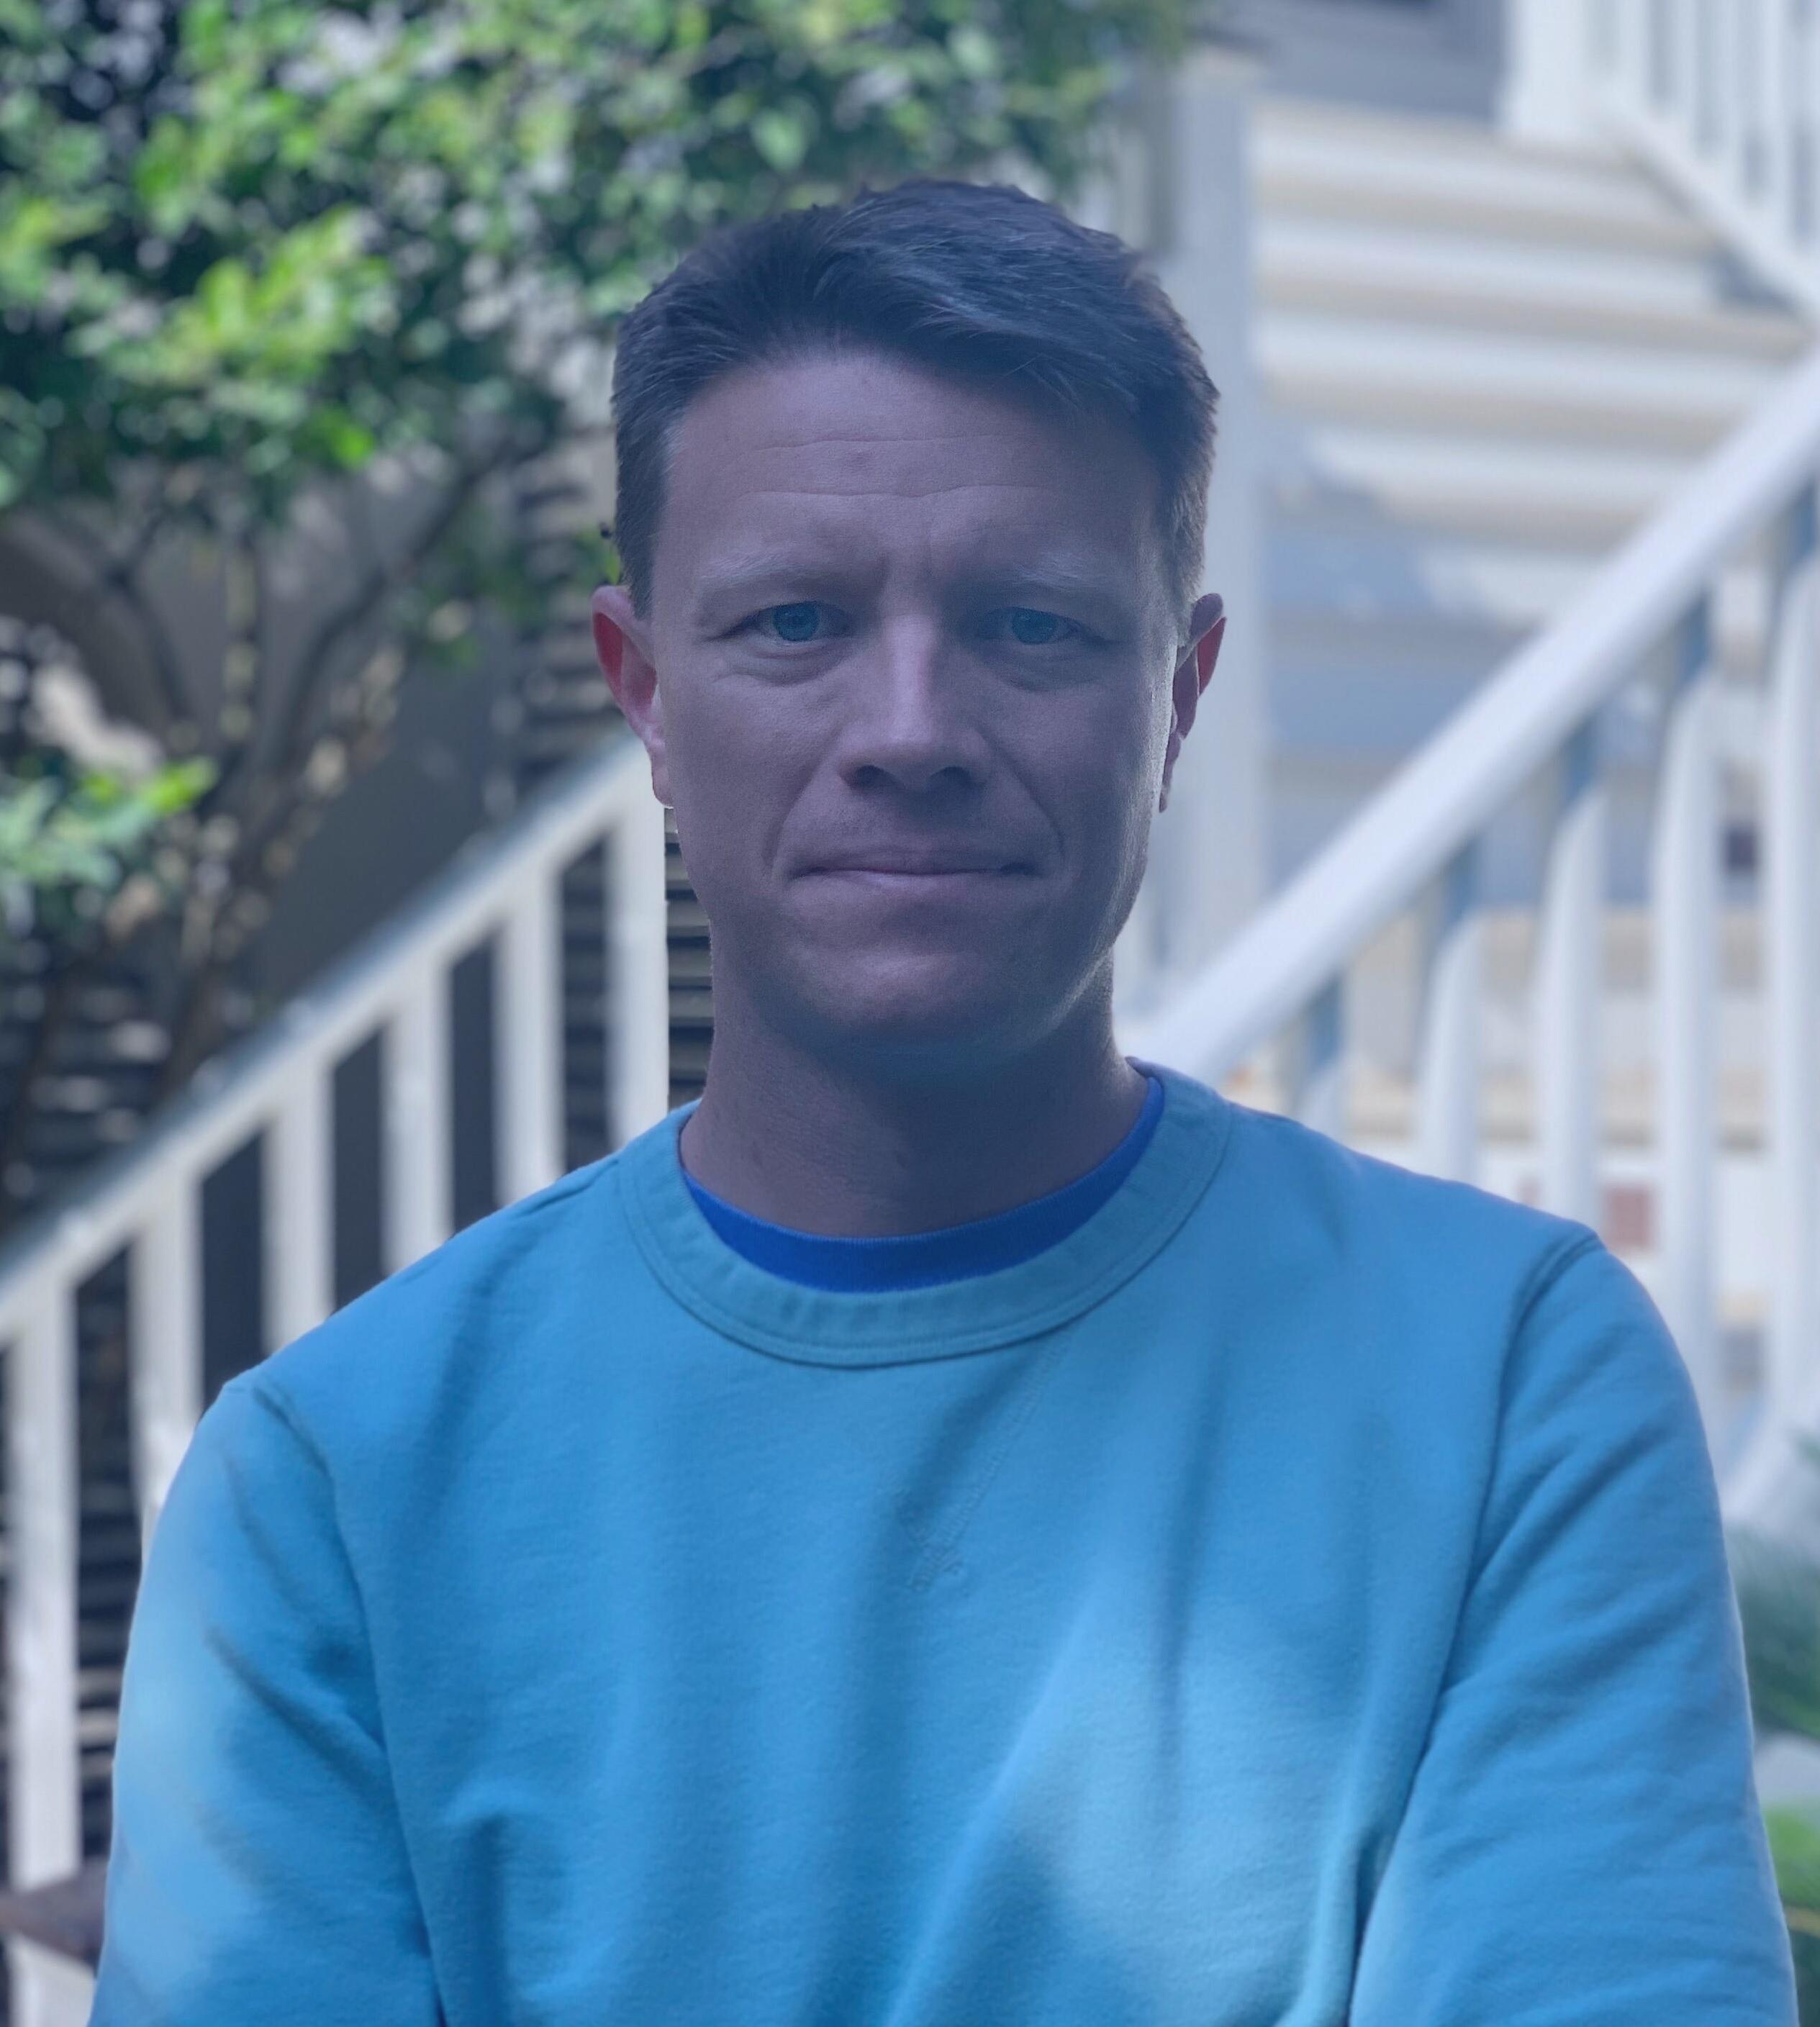 Nick Schreiber